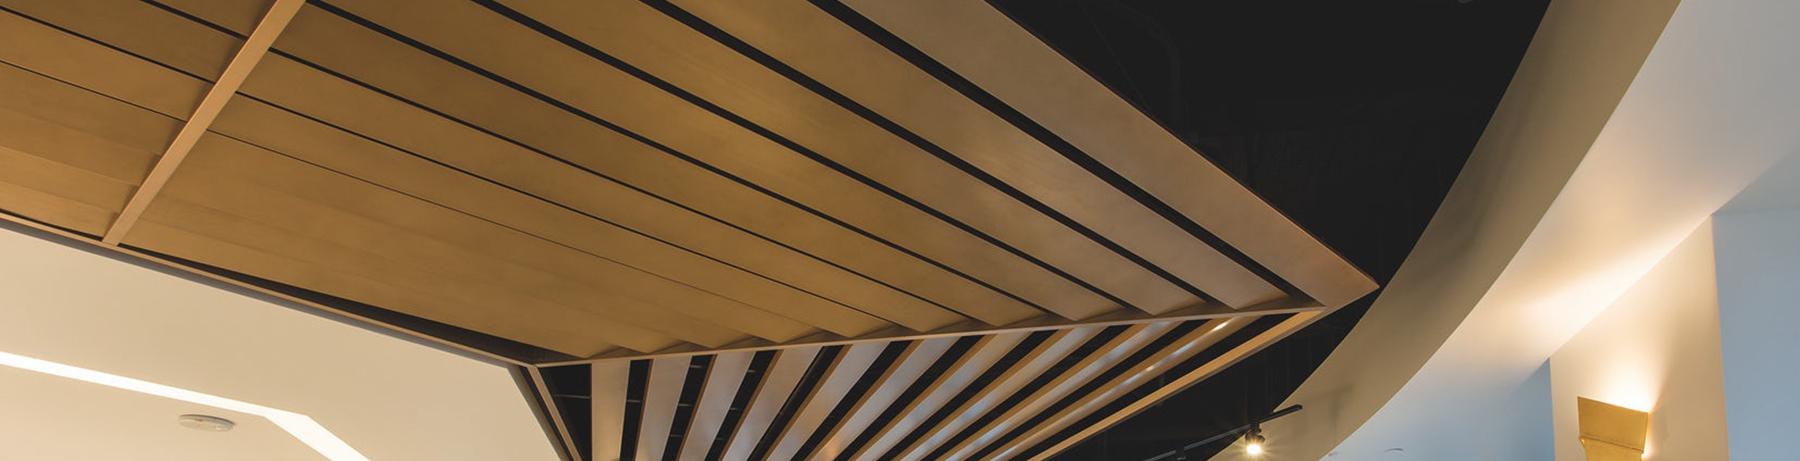 Ceiling Tiles - Metal Ceiling Tiles